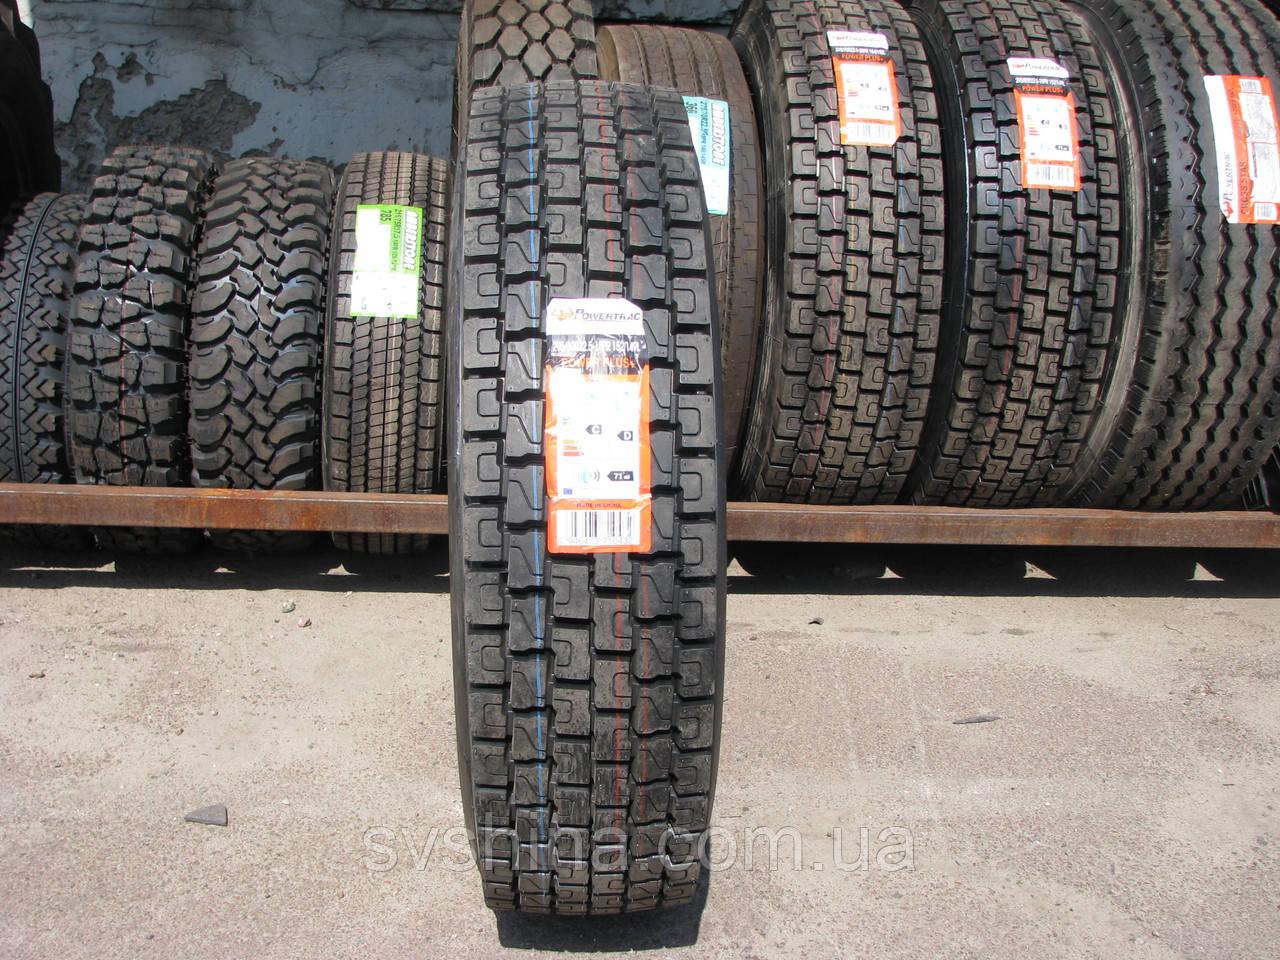 Вантажні шини 295/80R22.5 POWERTRAC POWER PLUS+, тягові, 18 нс., 152/149L